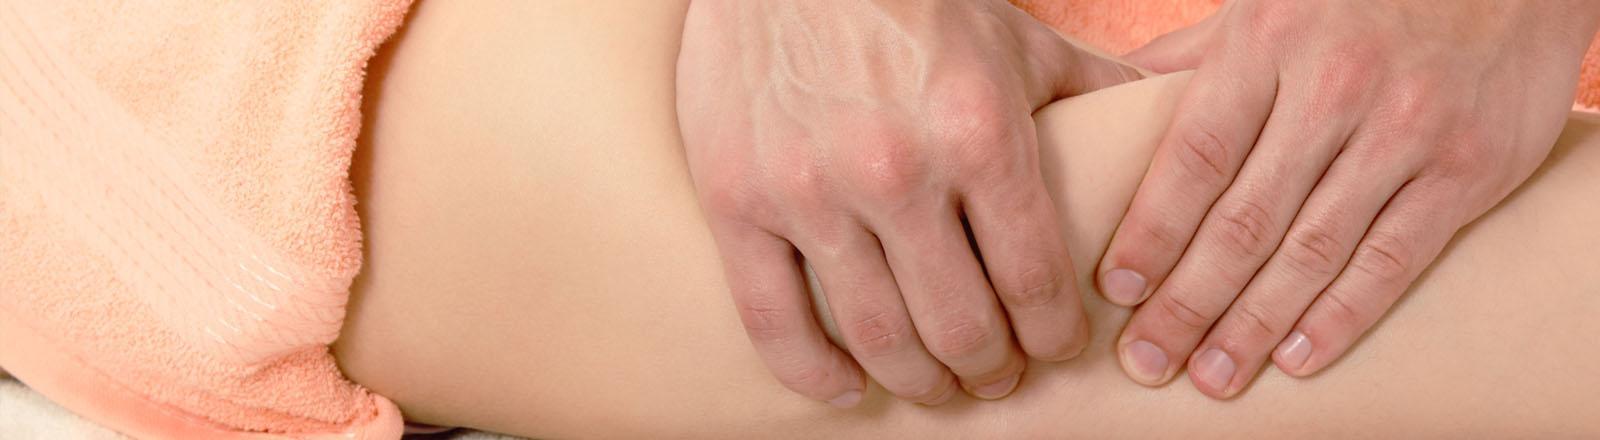 masaje terapéutico y quiromasaje